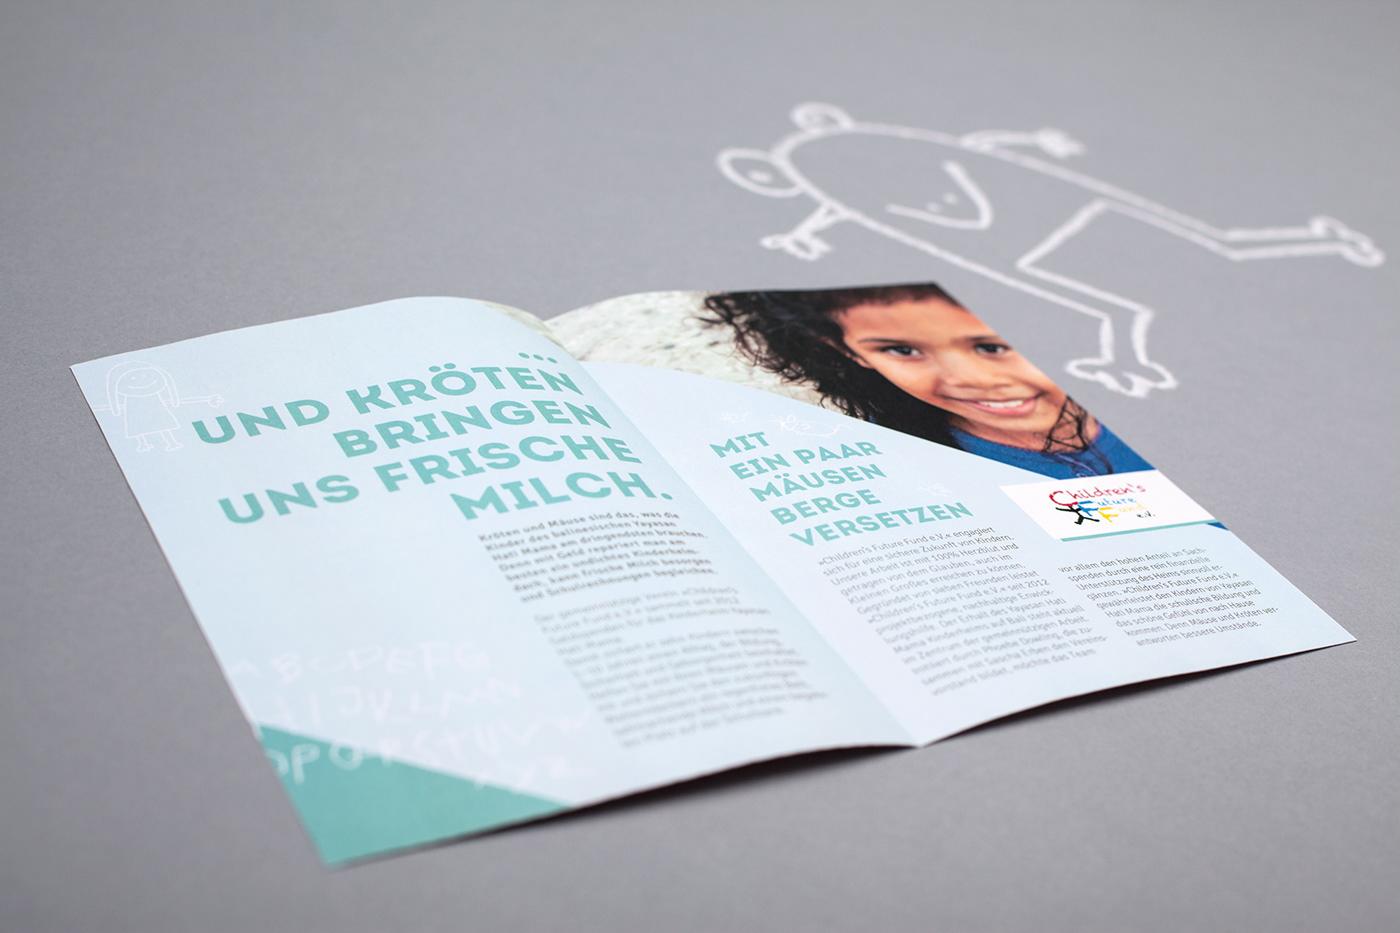 Grafik Design ILLUSTRATION  Kampagne pro bono text